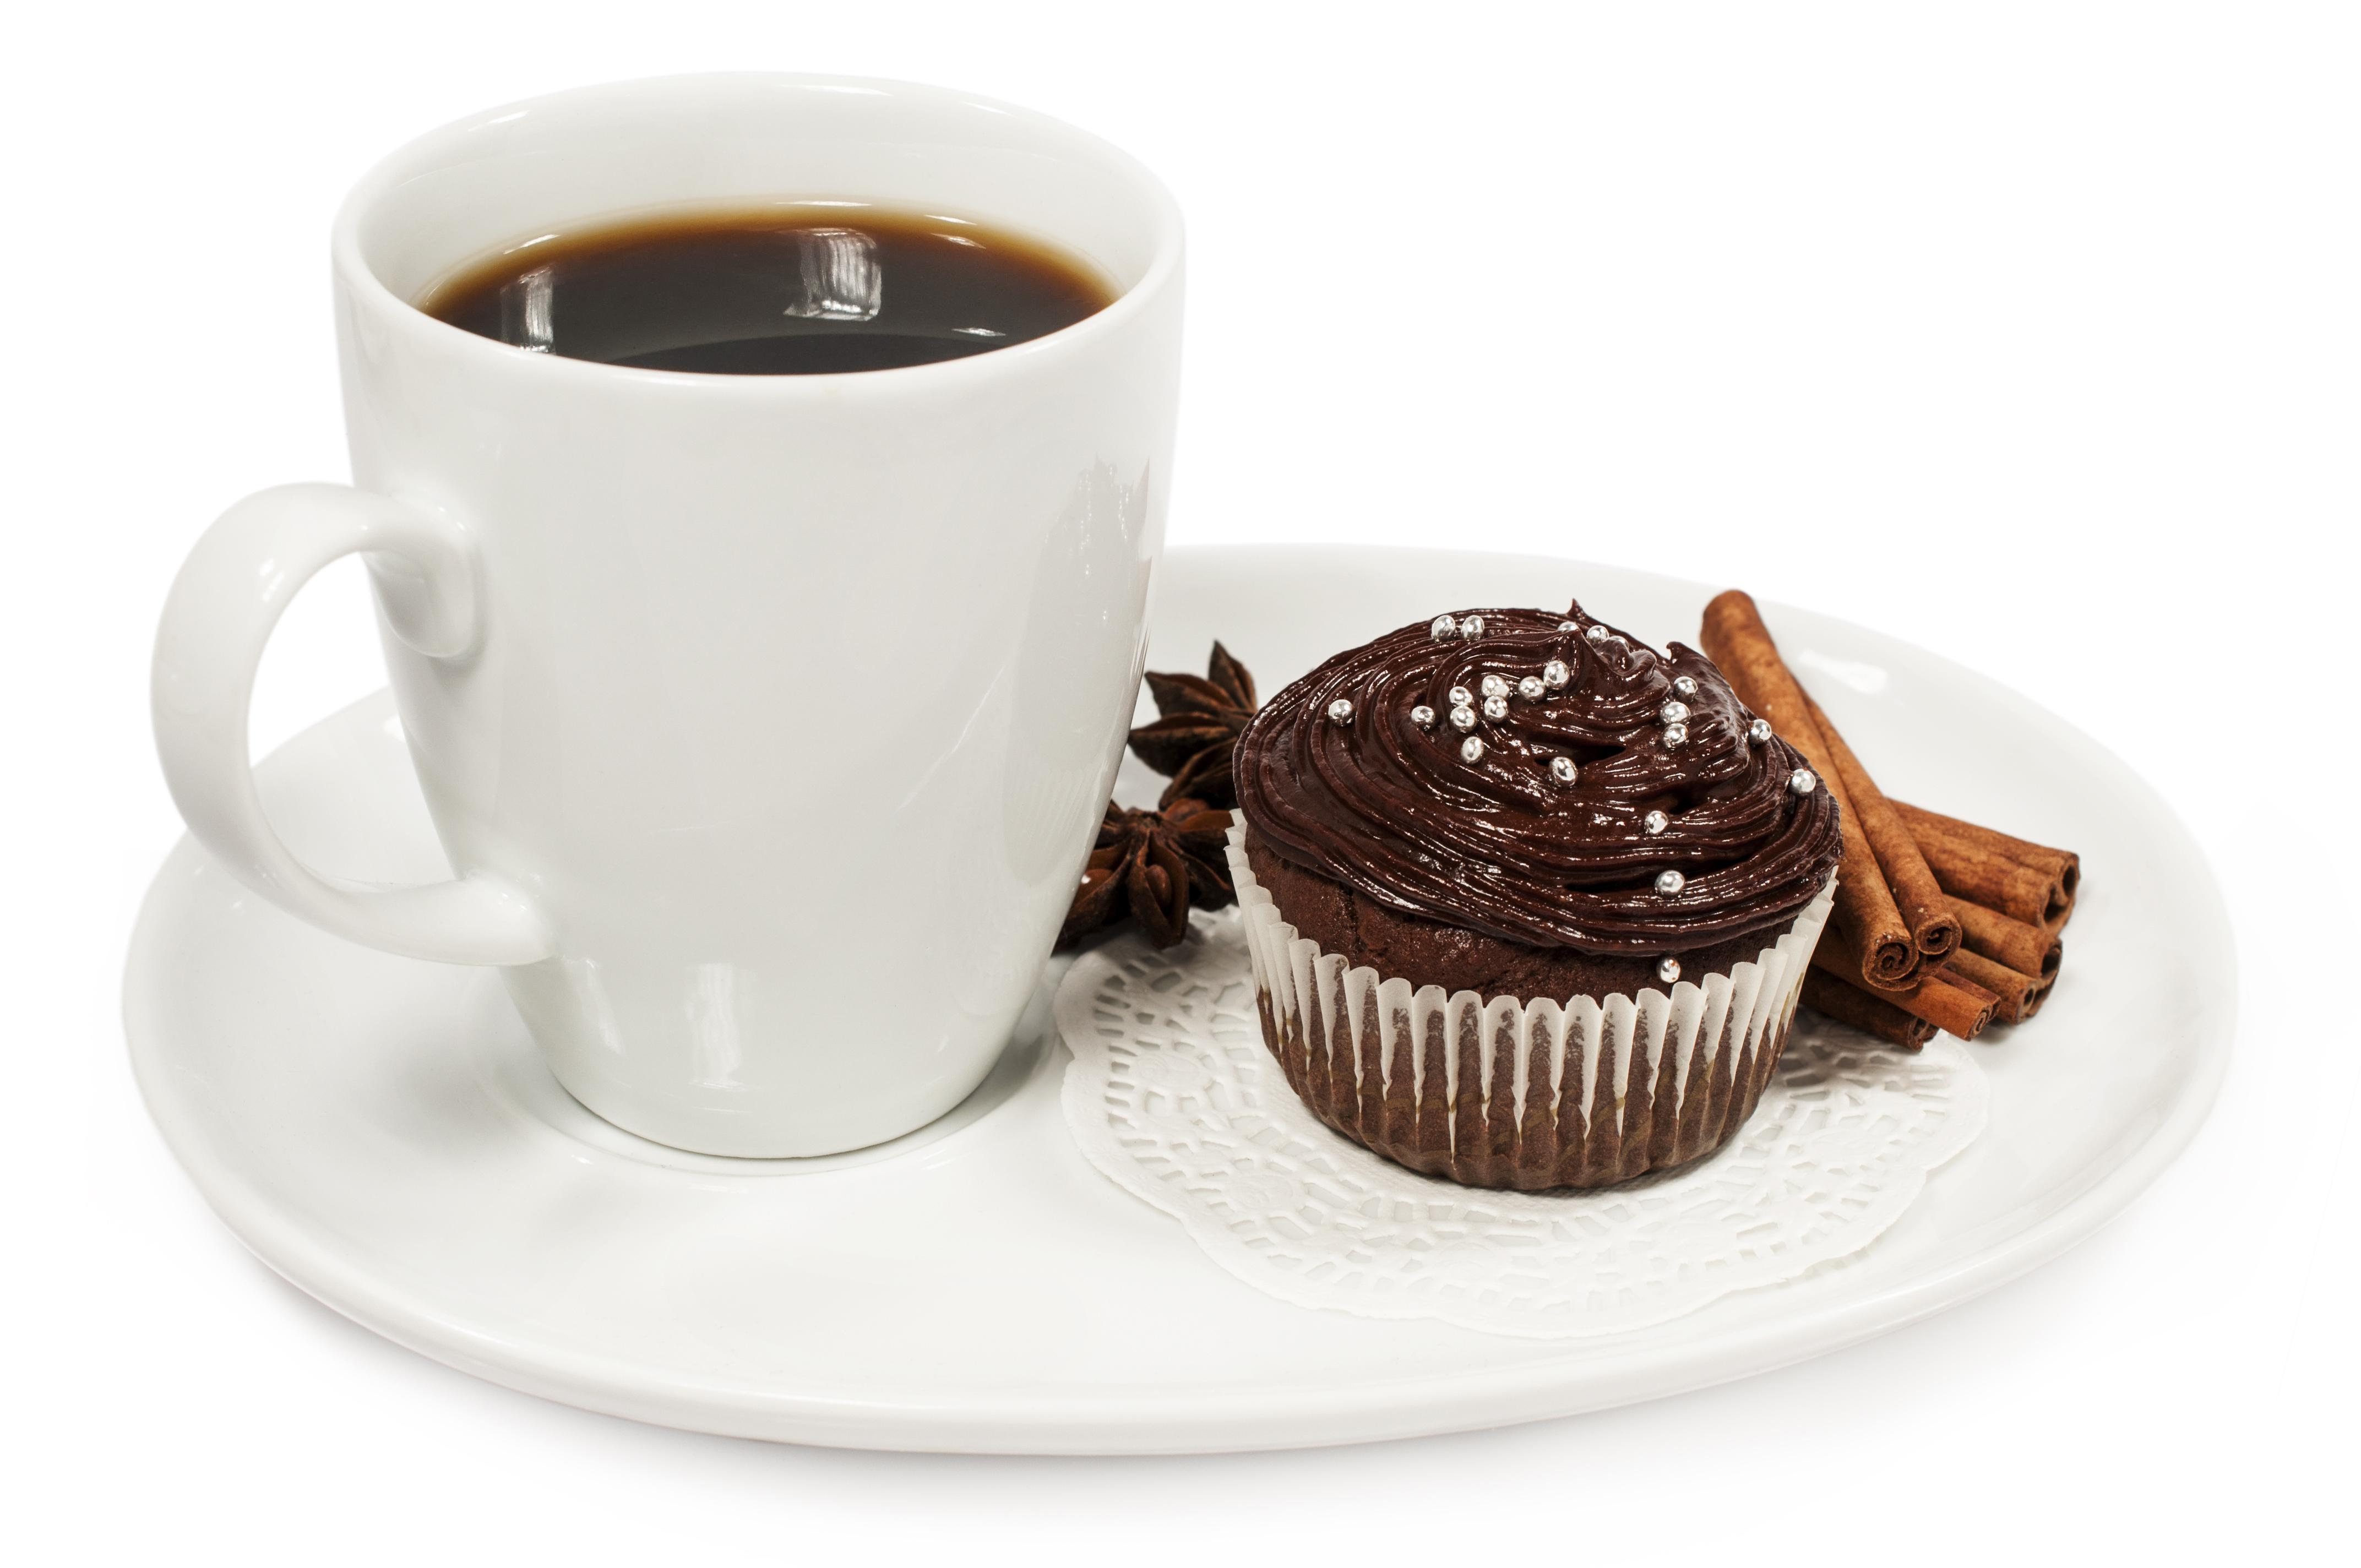 Обои для рабочего стола Шоколад Кофе Корица Пища Чашка Тарелка Пирожное Белый фон 4288x2848 Еда чашке тарелке Продукты питания белом фоне белым фоном